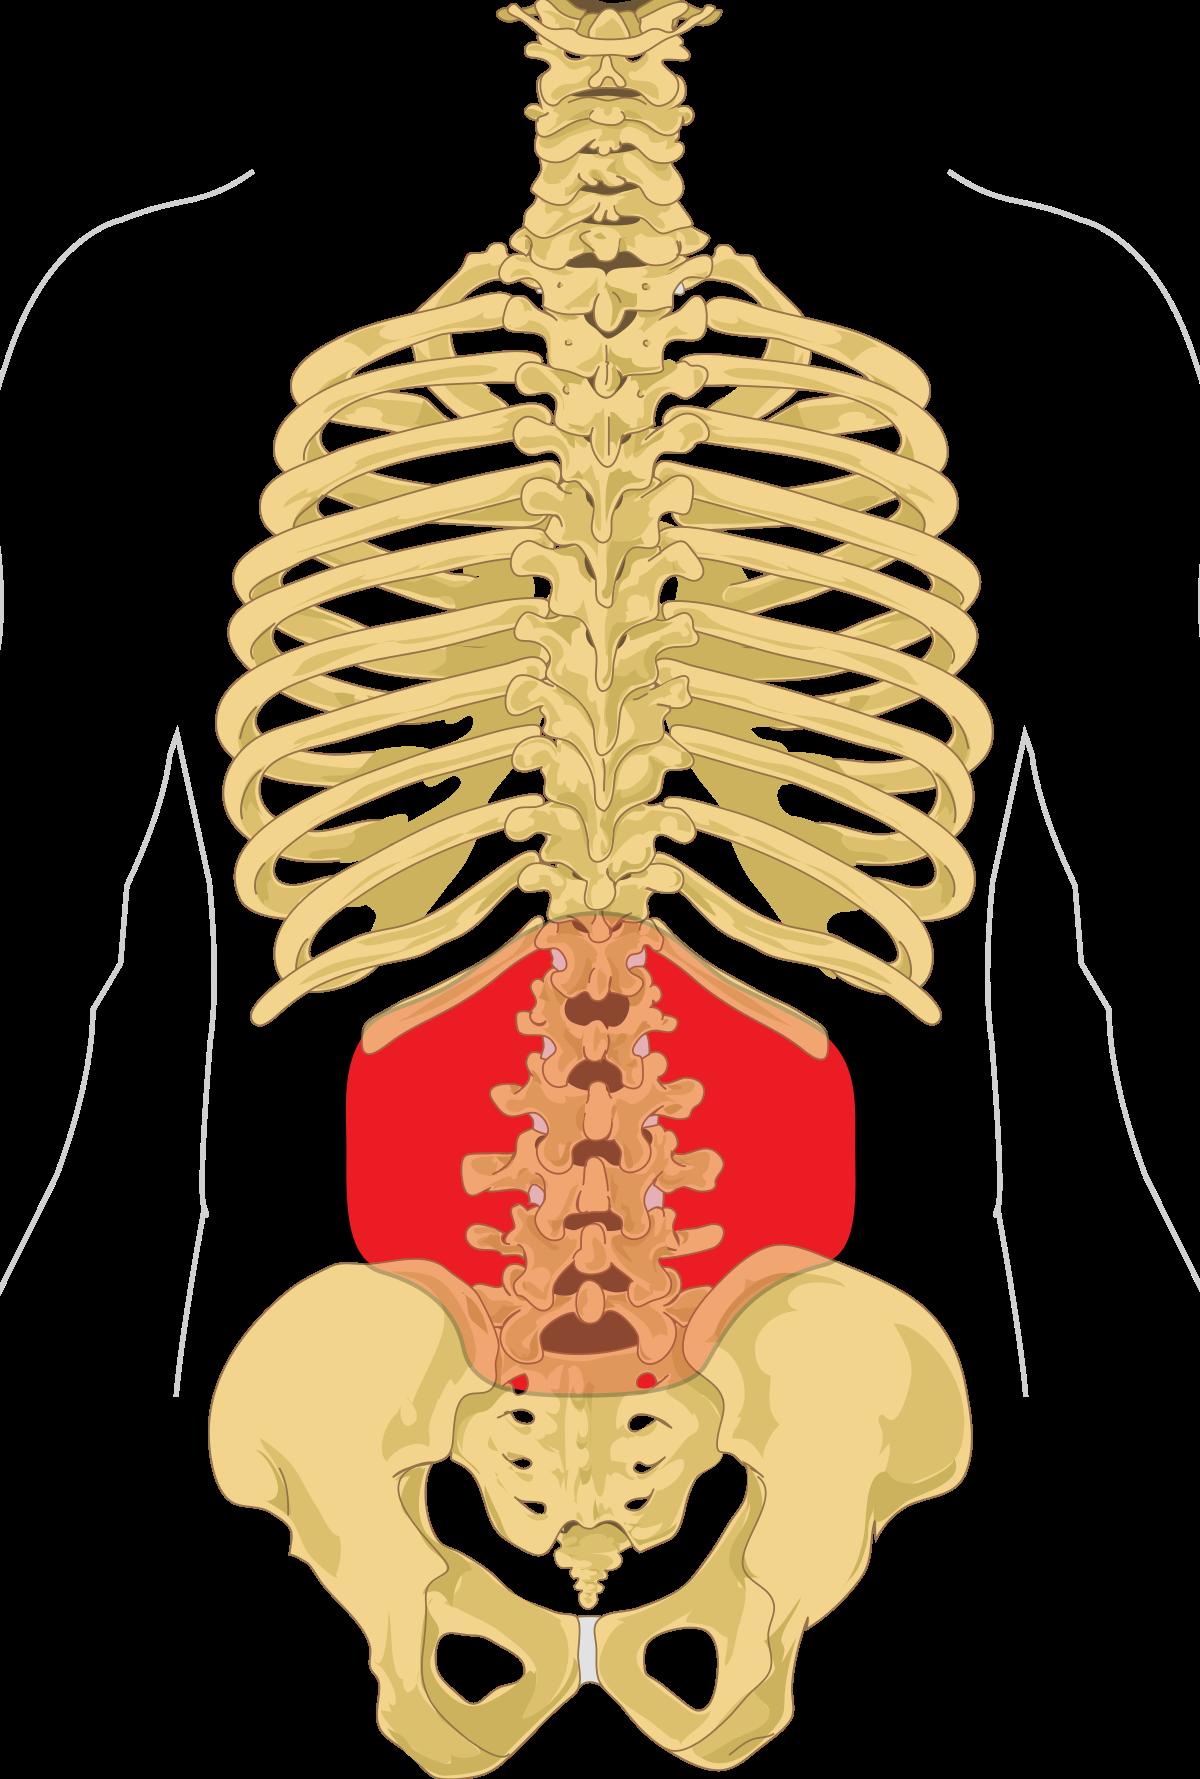 erekció után jelentkező fájdalom a has alsó részén)